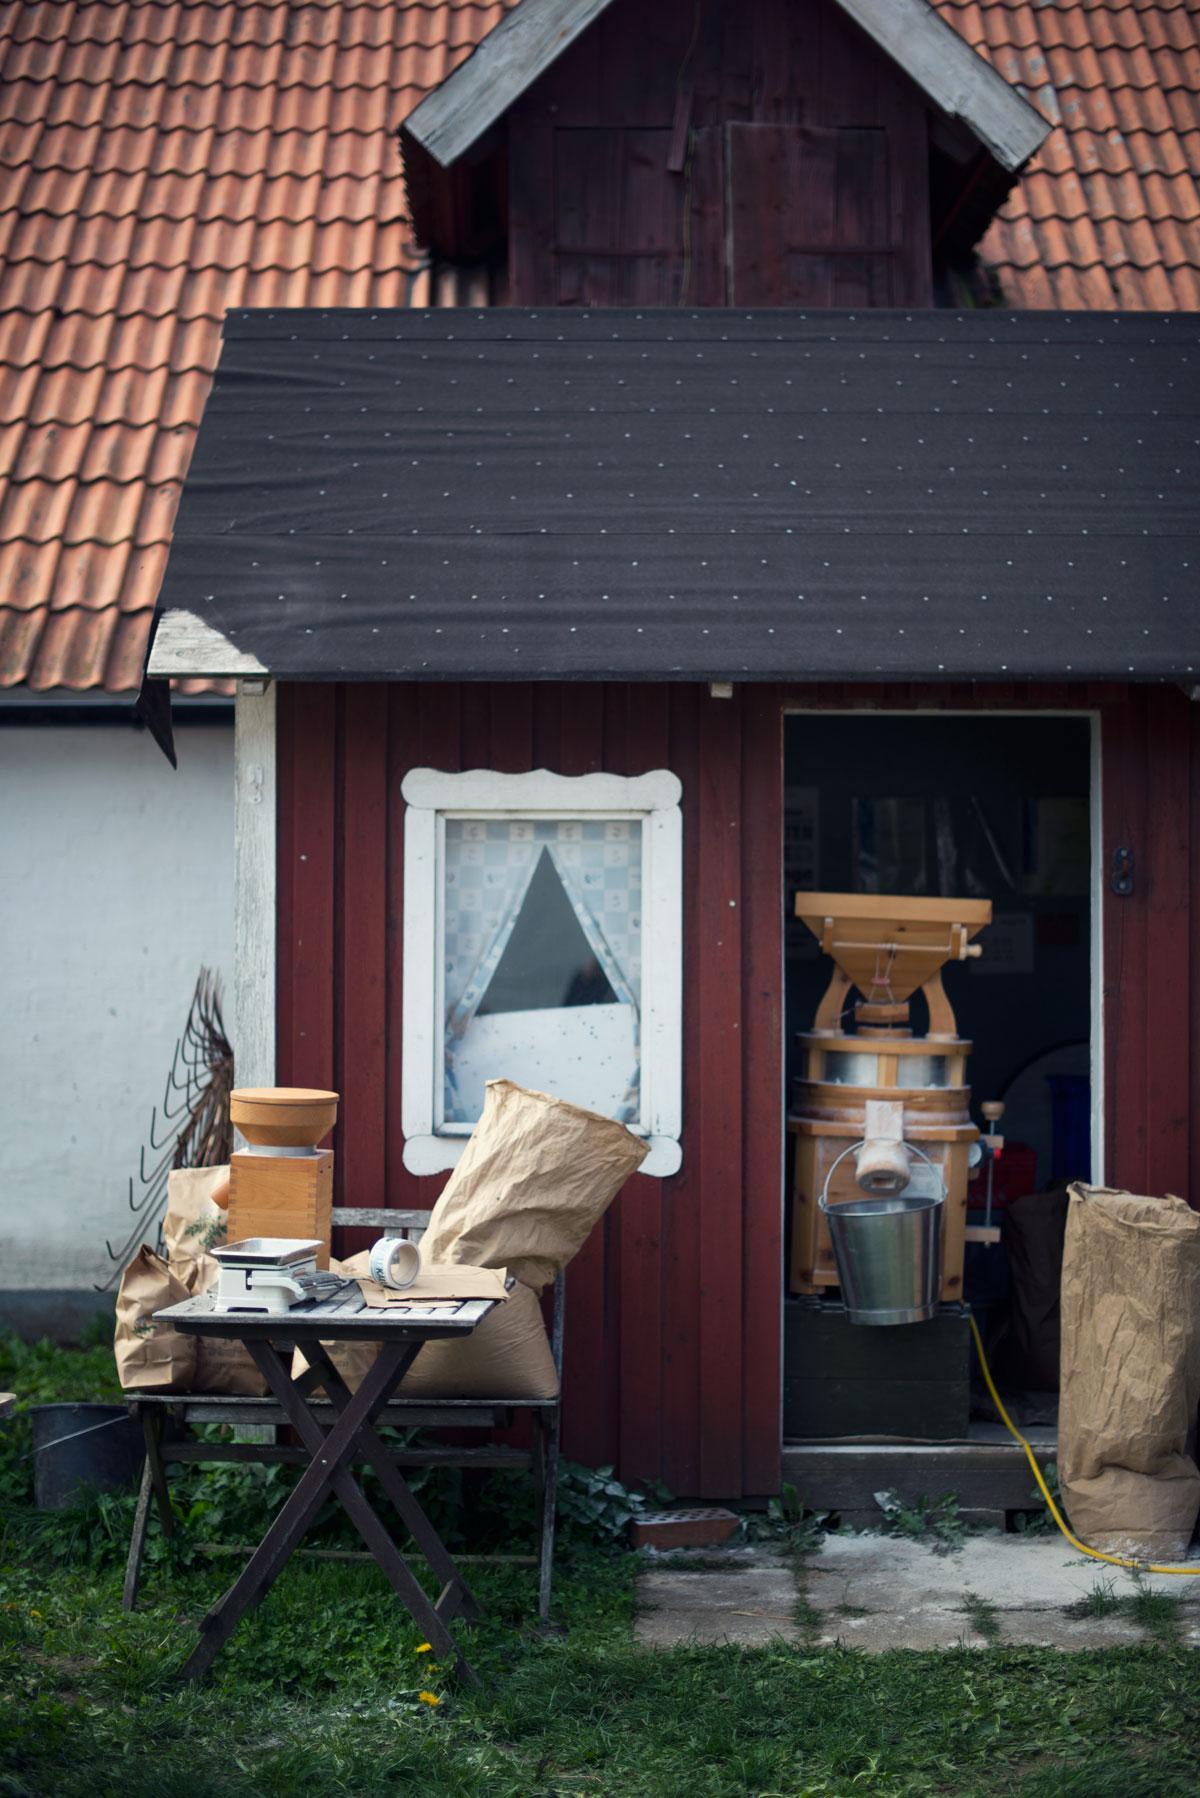 På øko-tur i Skåne | Frk. Kræsen